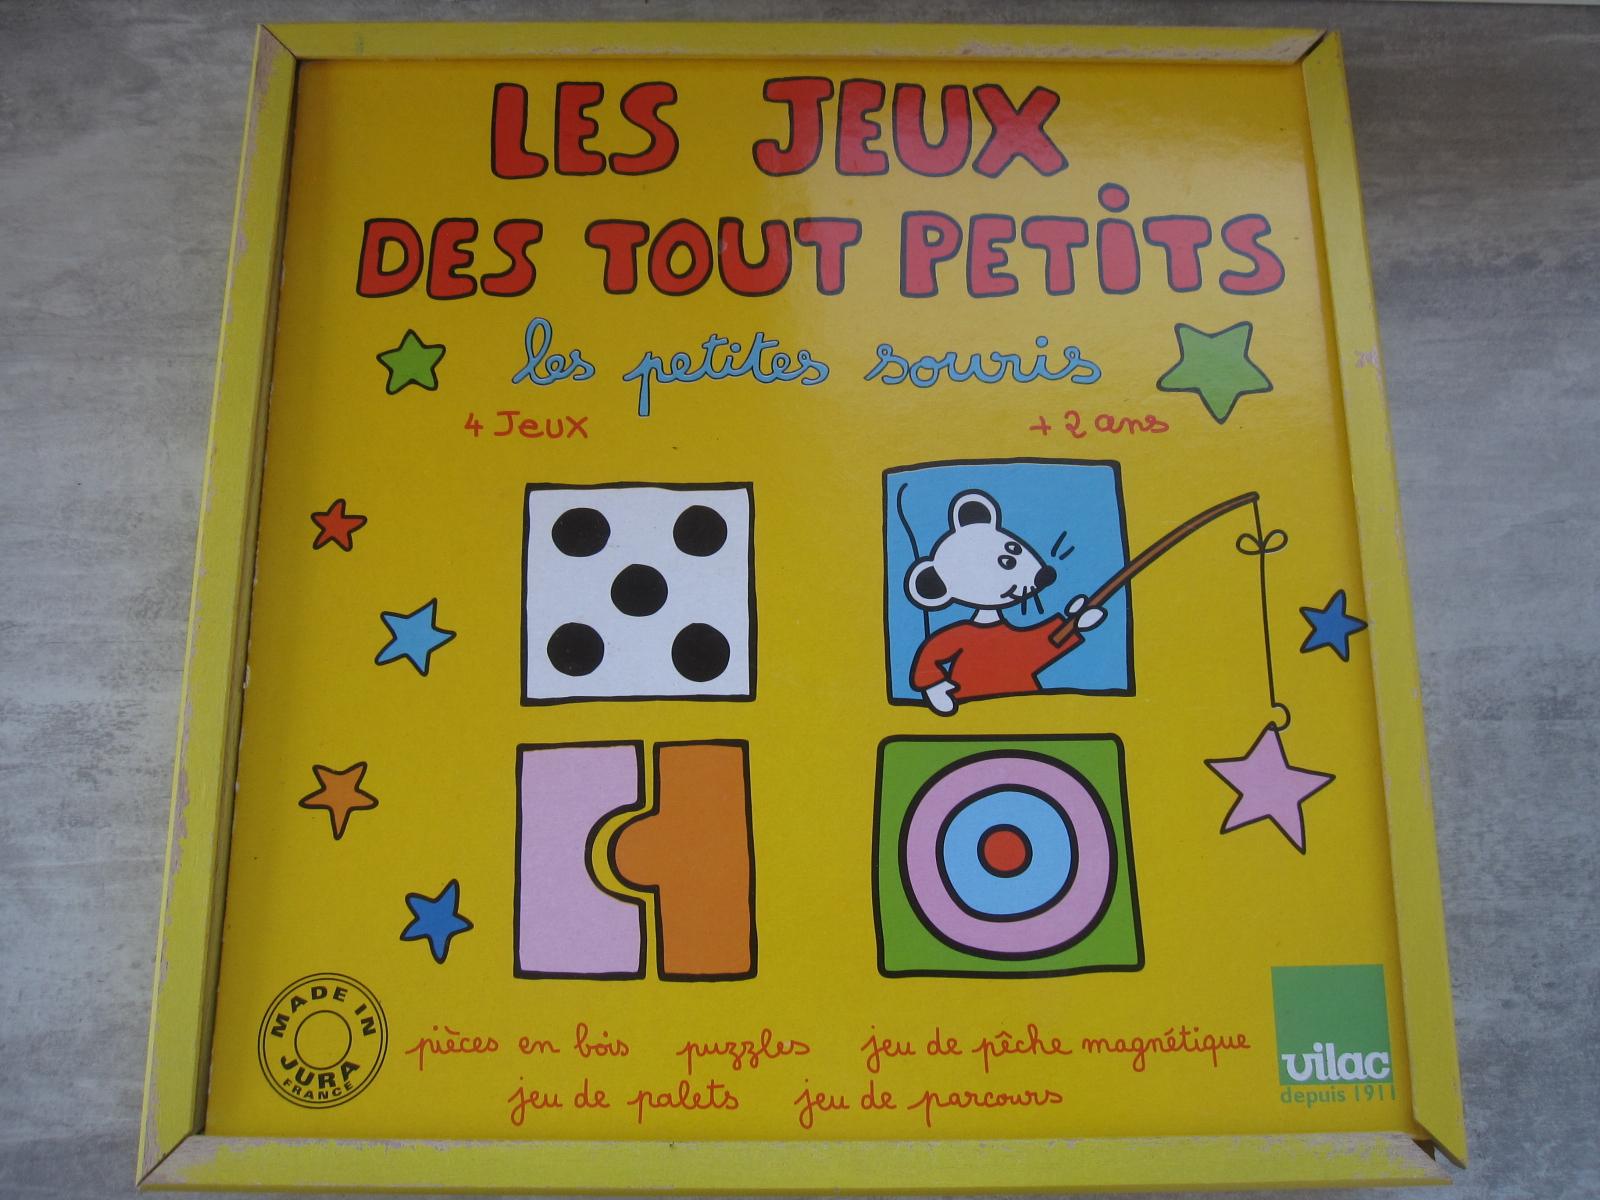 Les Jeux Des Tout Petits Vilac | Aukazoo destiné Jeux Tout Petit